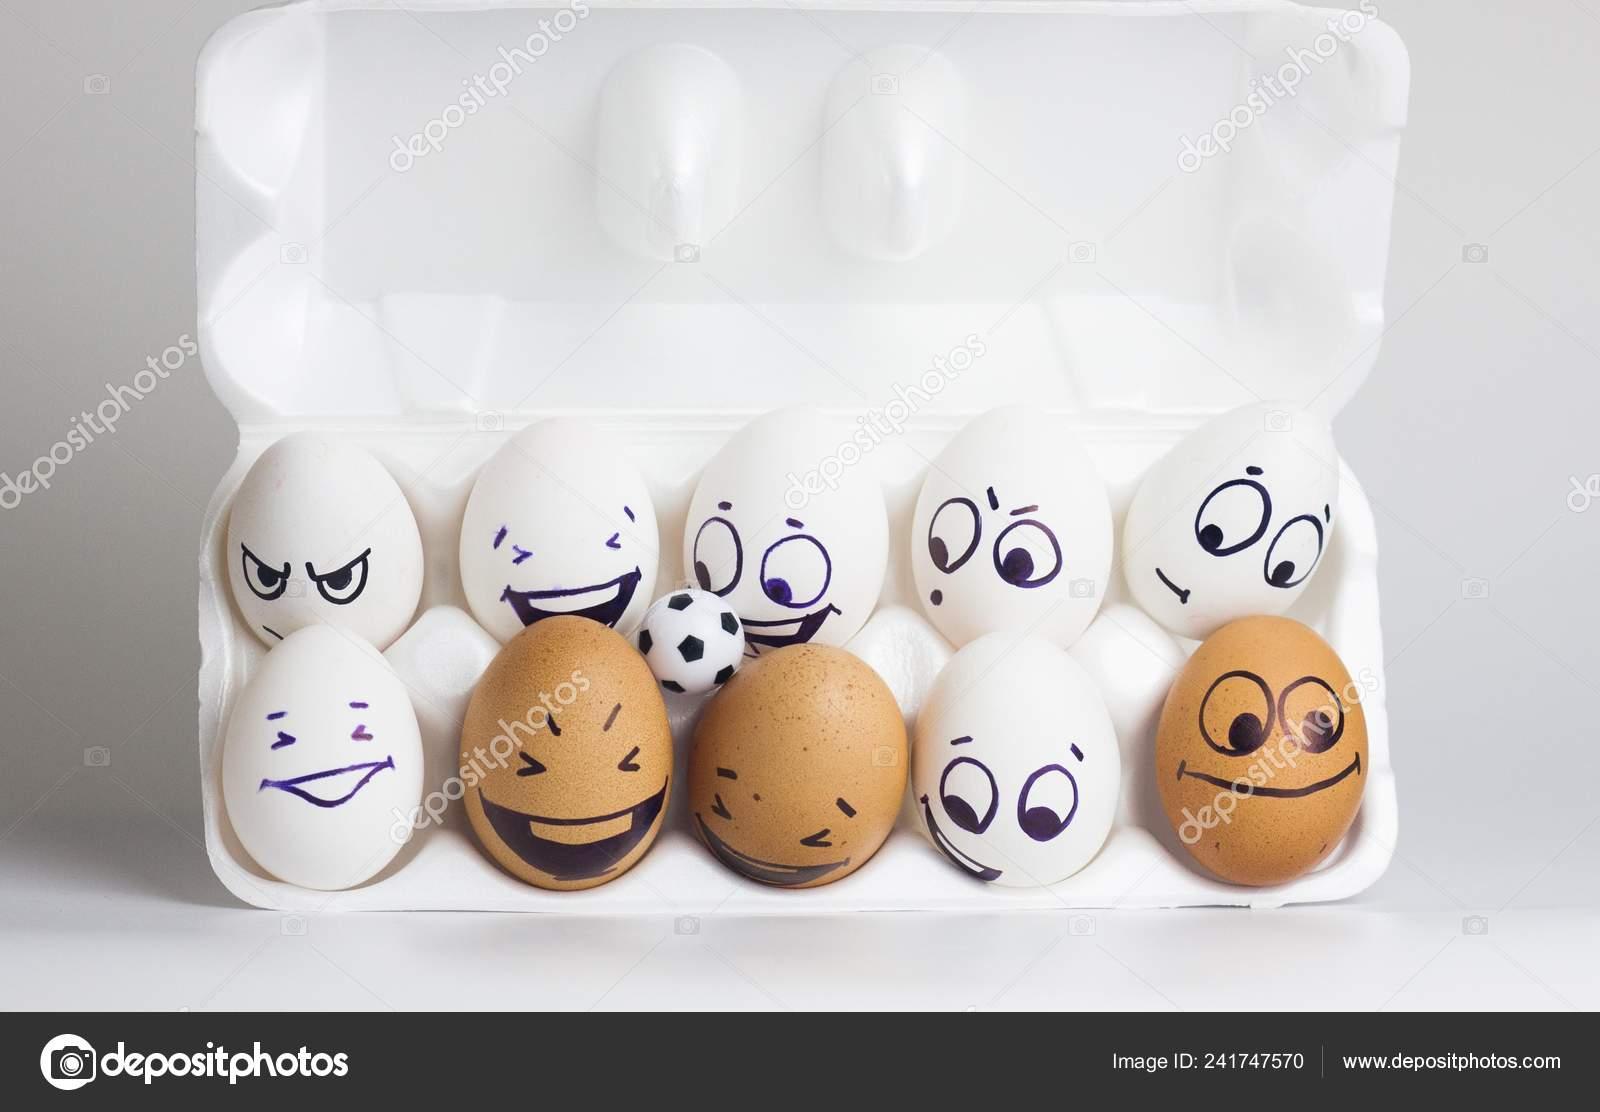 Fussball Ist Lustig Lustige Eier Mit Aufgemalten Gesichtern